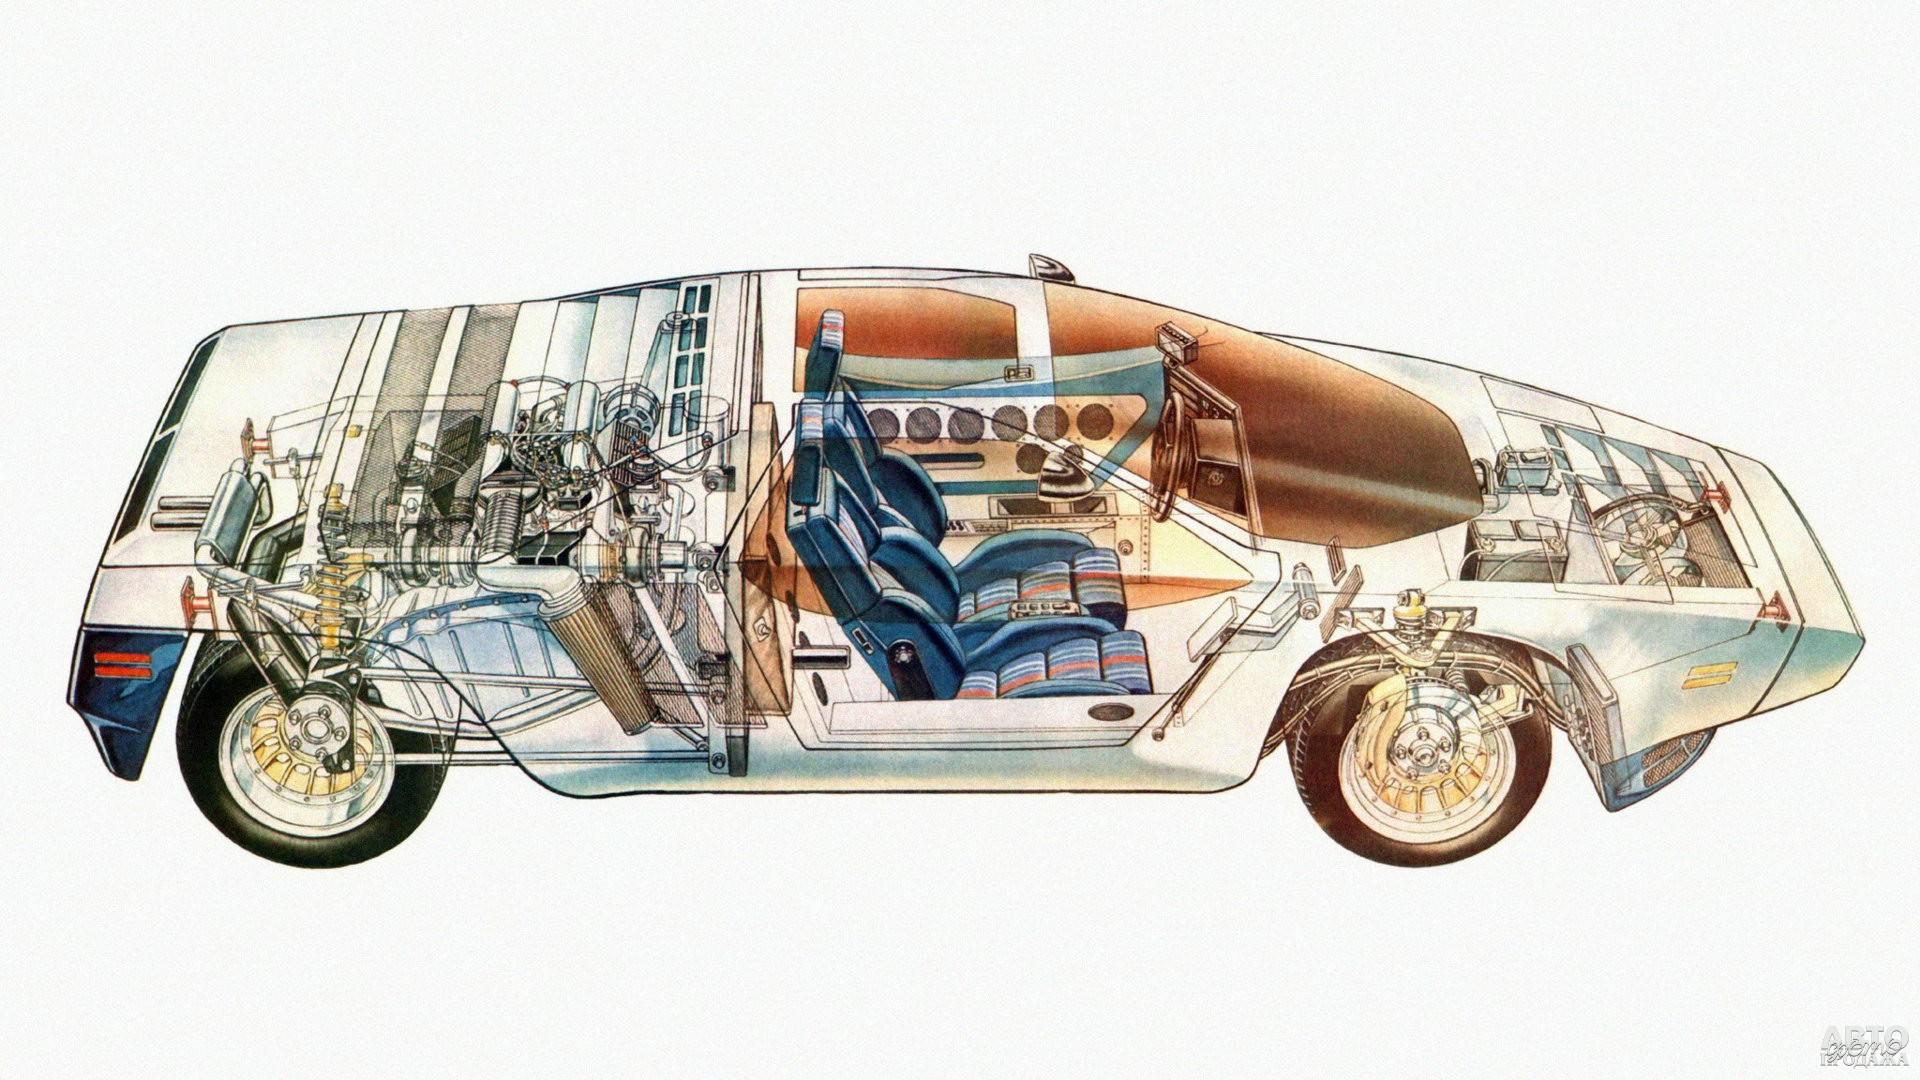 V8 с двойным турбонаддувом размещен поперечно в базе